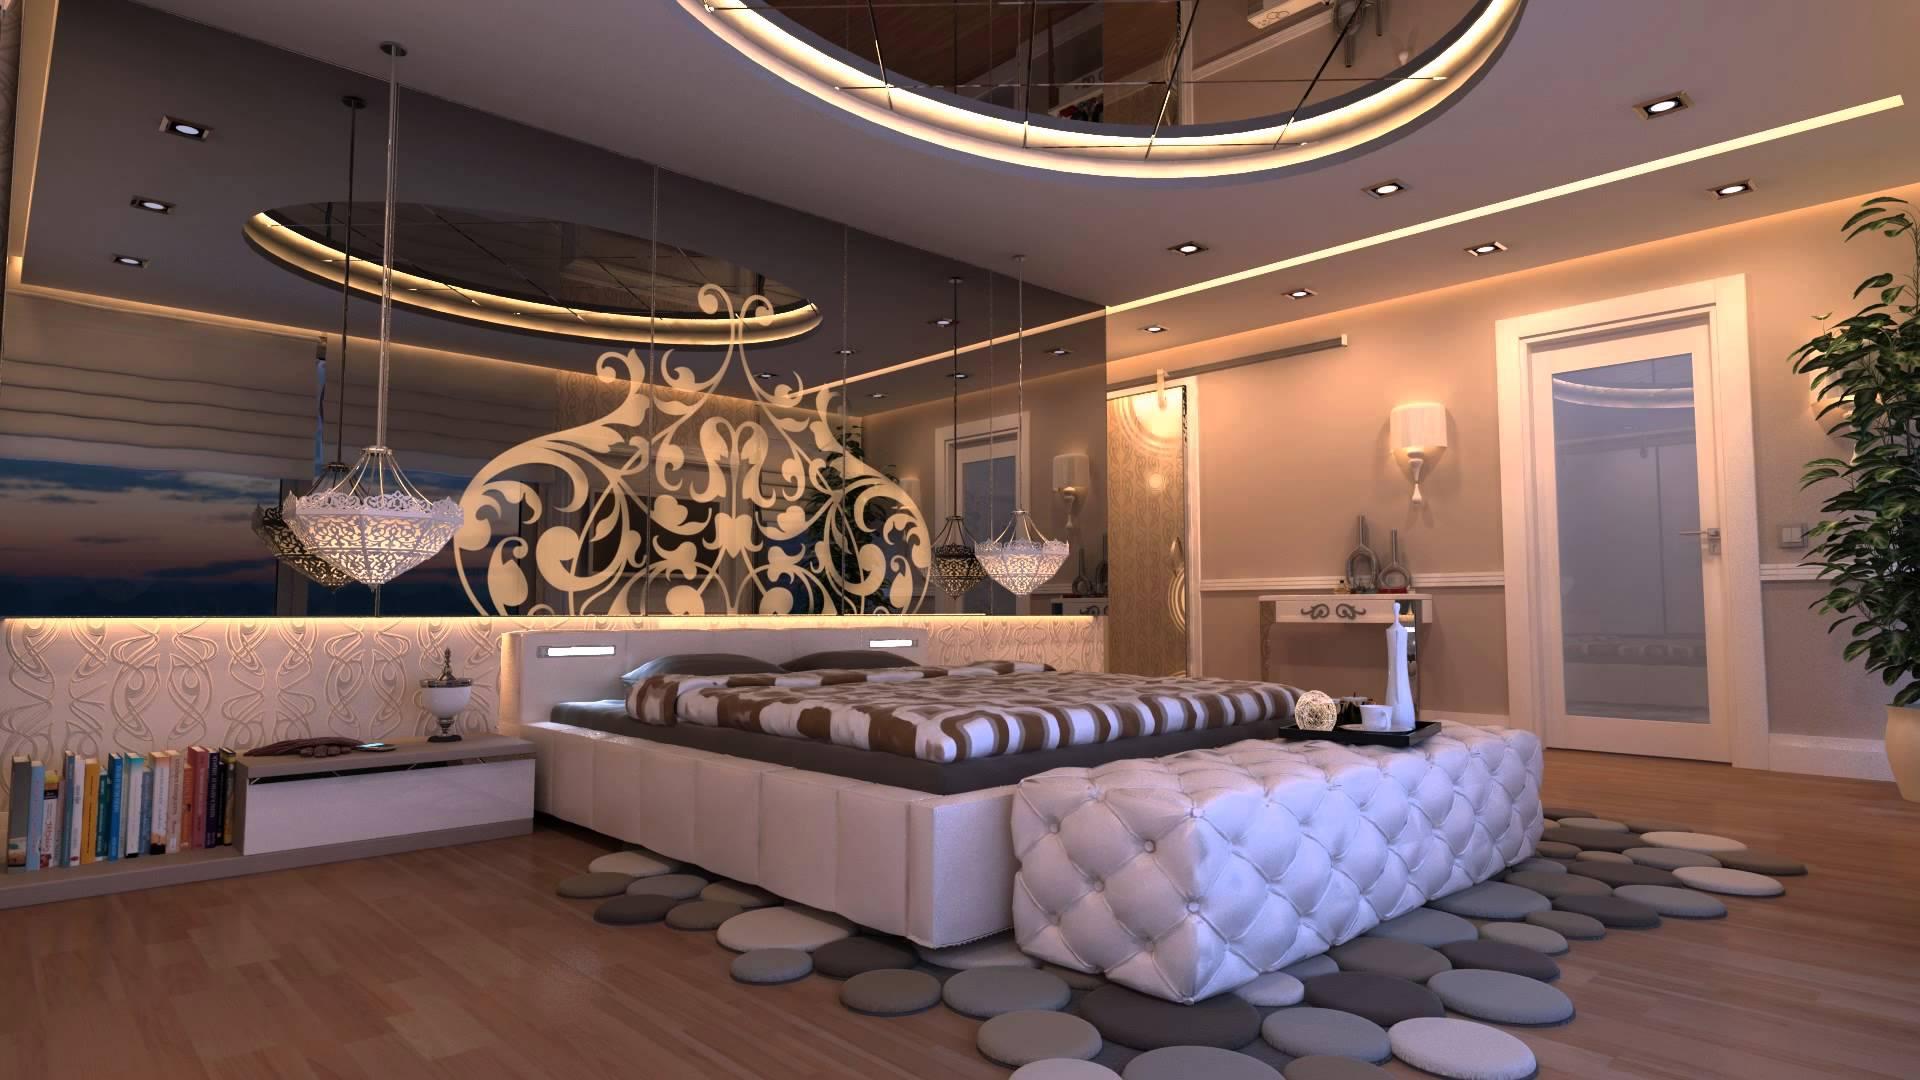 بالصور احلى غرف نوم , اشيك كتالوجهات غرف النوم للعرسان 2863 13